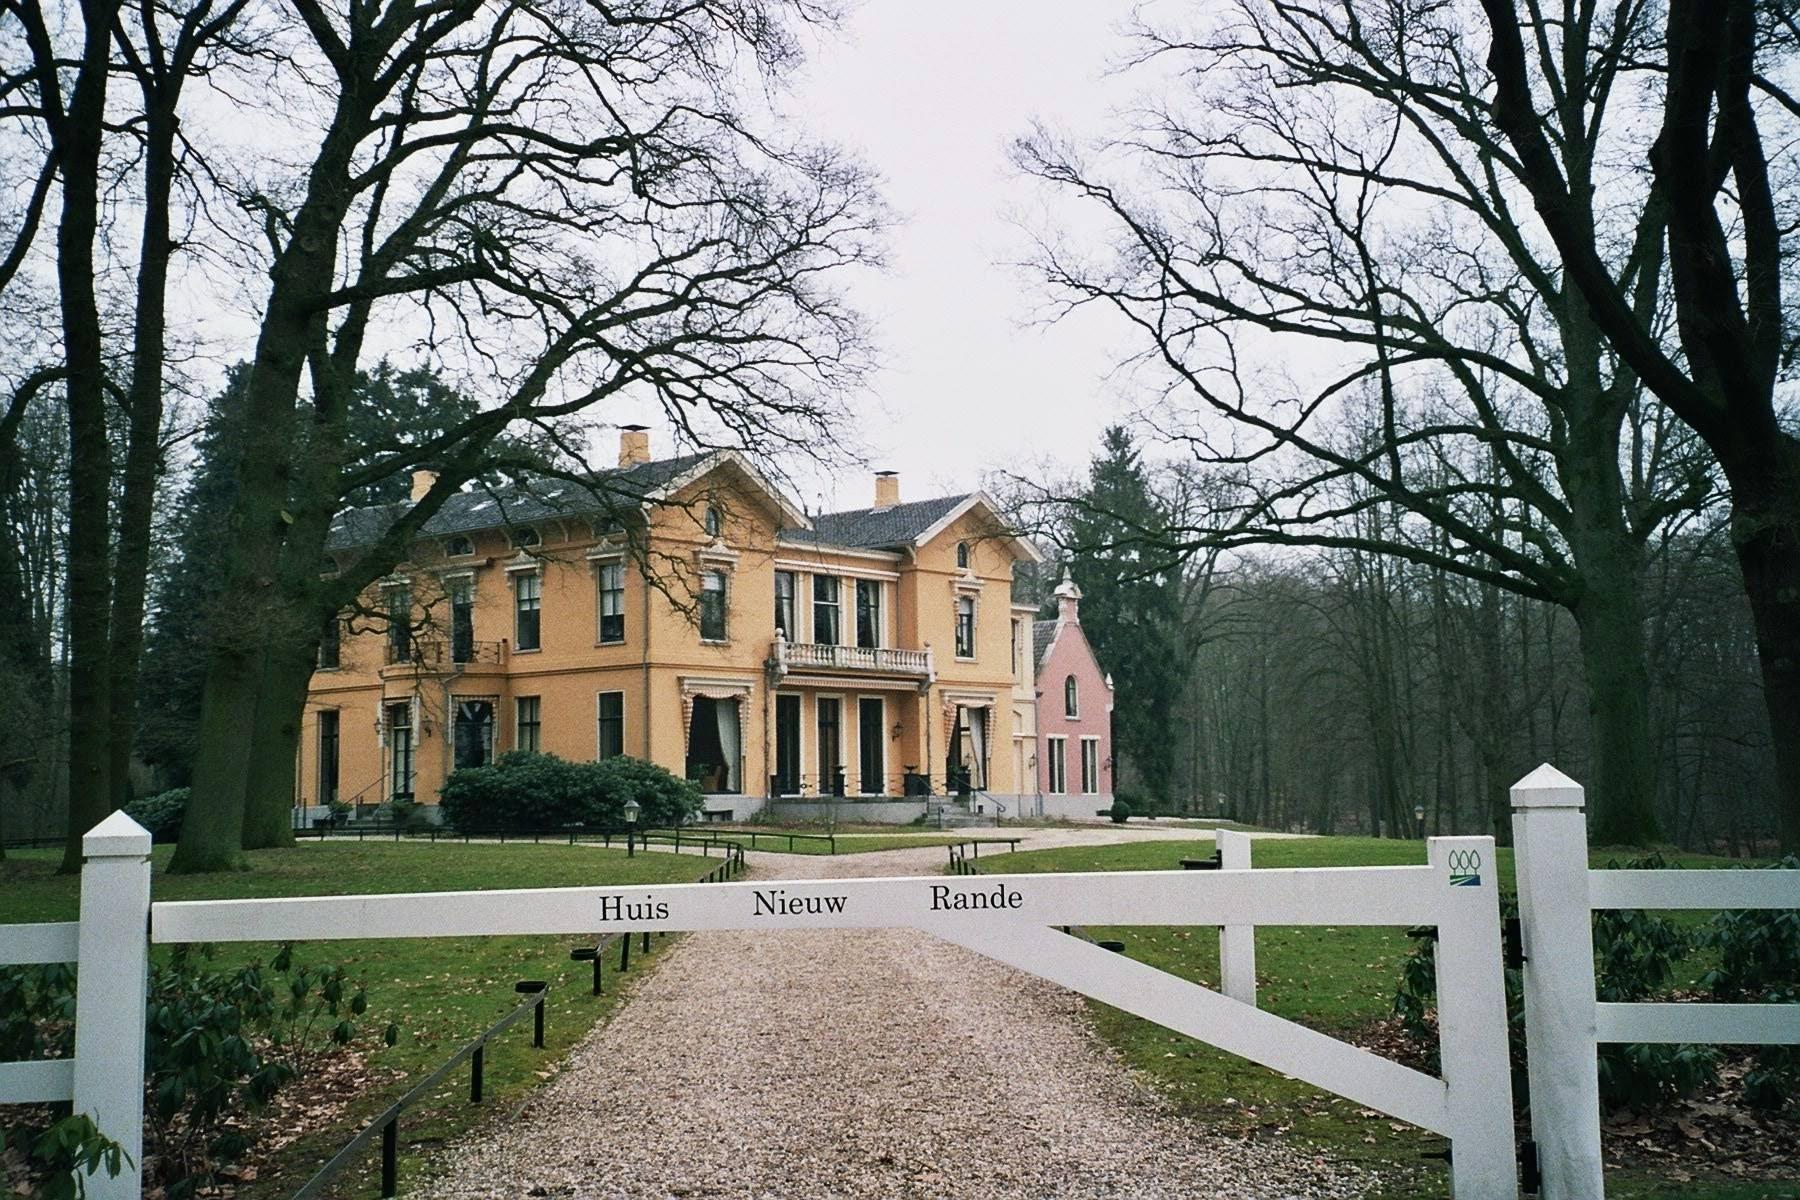 Ijsselvallei tocht 2 deventer naar olst 13 km - Nieuw huis ...